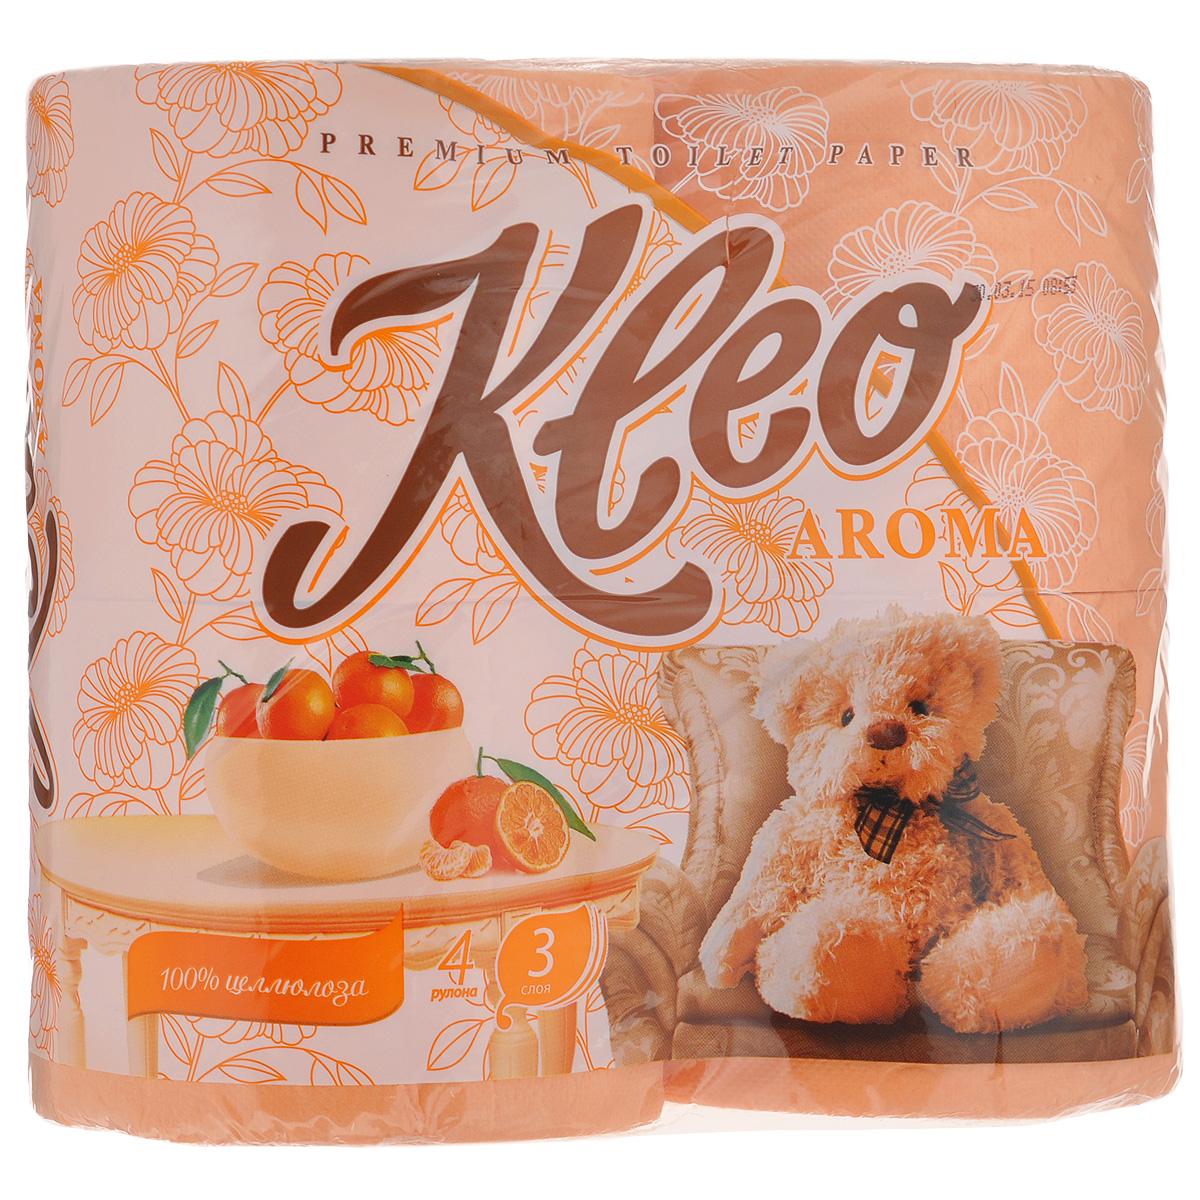 Туалетная бумага Kleo Aroma. Mandarin, трехслойная, цвет: персиковый, 4 рулона68/5/3Туалетная бумага Kleo Aroma. Mandarin, выполненная из натуральной целлюлозы, обеспечивает превосходный комфорт и ощущение чистоты и свежести. Имеет приятный аромат мандарина. Необыкновенно мягкая, но в тоже время прочная, бумага не расслаивается и отрывается строго по линии перфорации. Трехслойные листы имеют рисунок с перфорацией.Количество листов: 168 шт. Количество слоев: 3. Размер листа: 12,5 см х 9,6 см. Состав: 100% целлюлоза, ароматизатор.